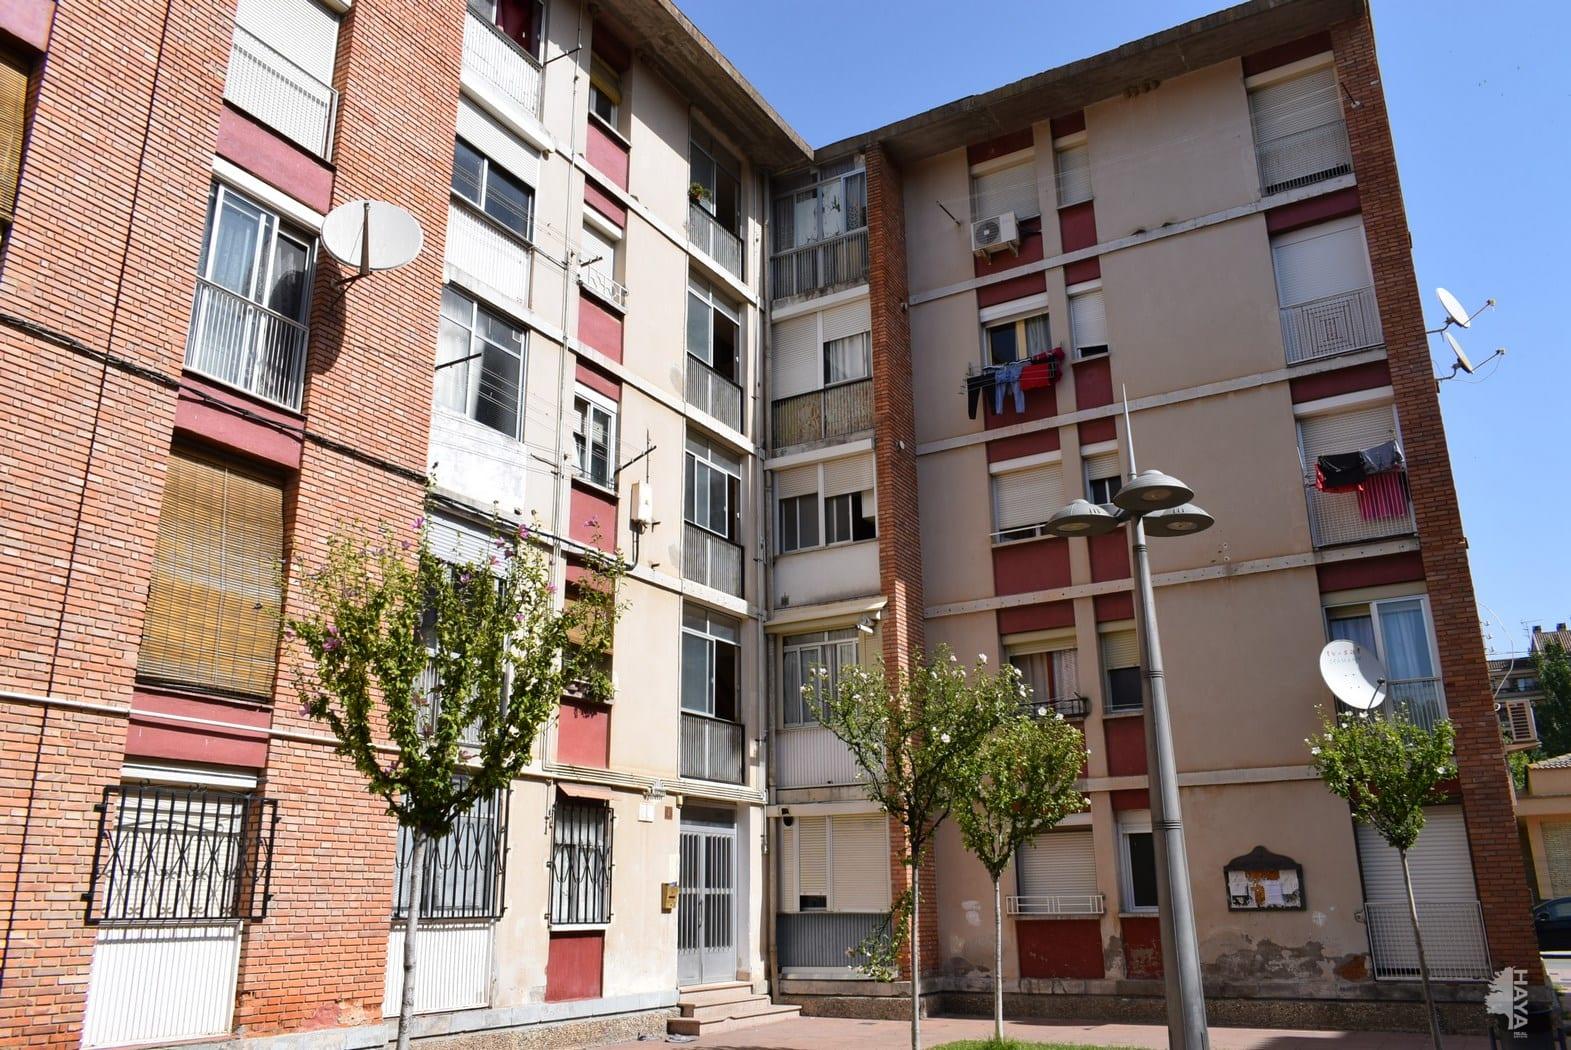 Piso en venta en Barbastro, Barbastro, Huesca, Calle Fornillos, 39.000 €, 2 habitaciones, 1 baño, 76 m2